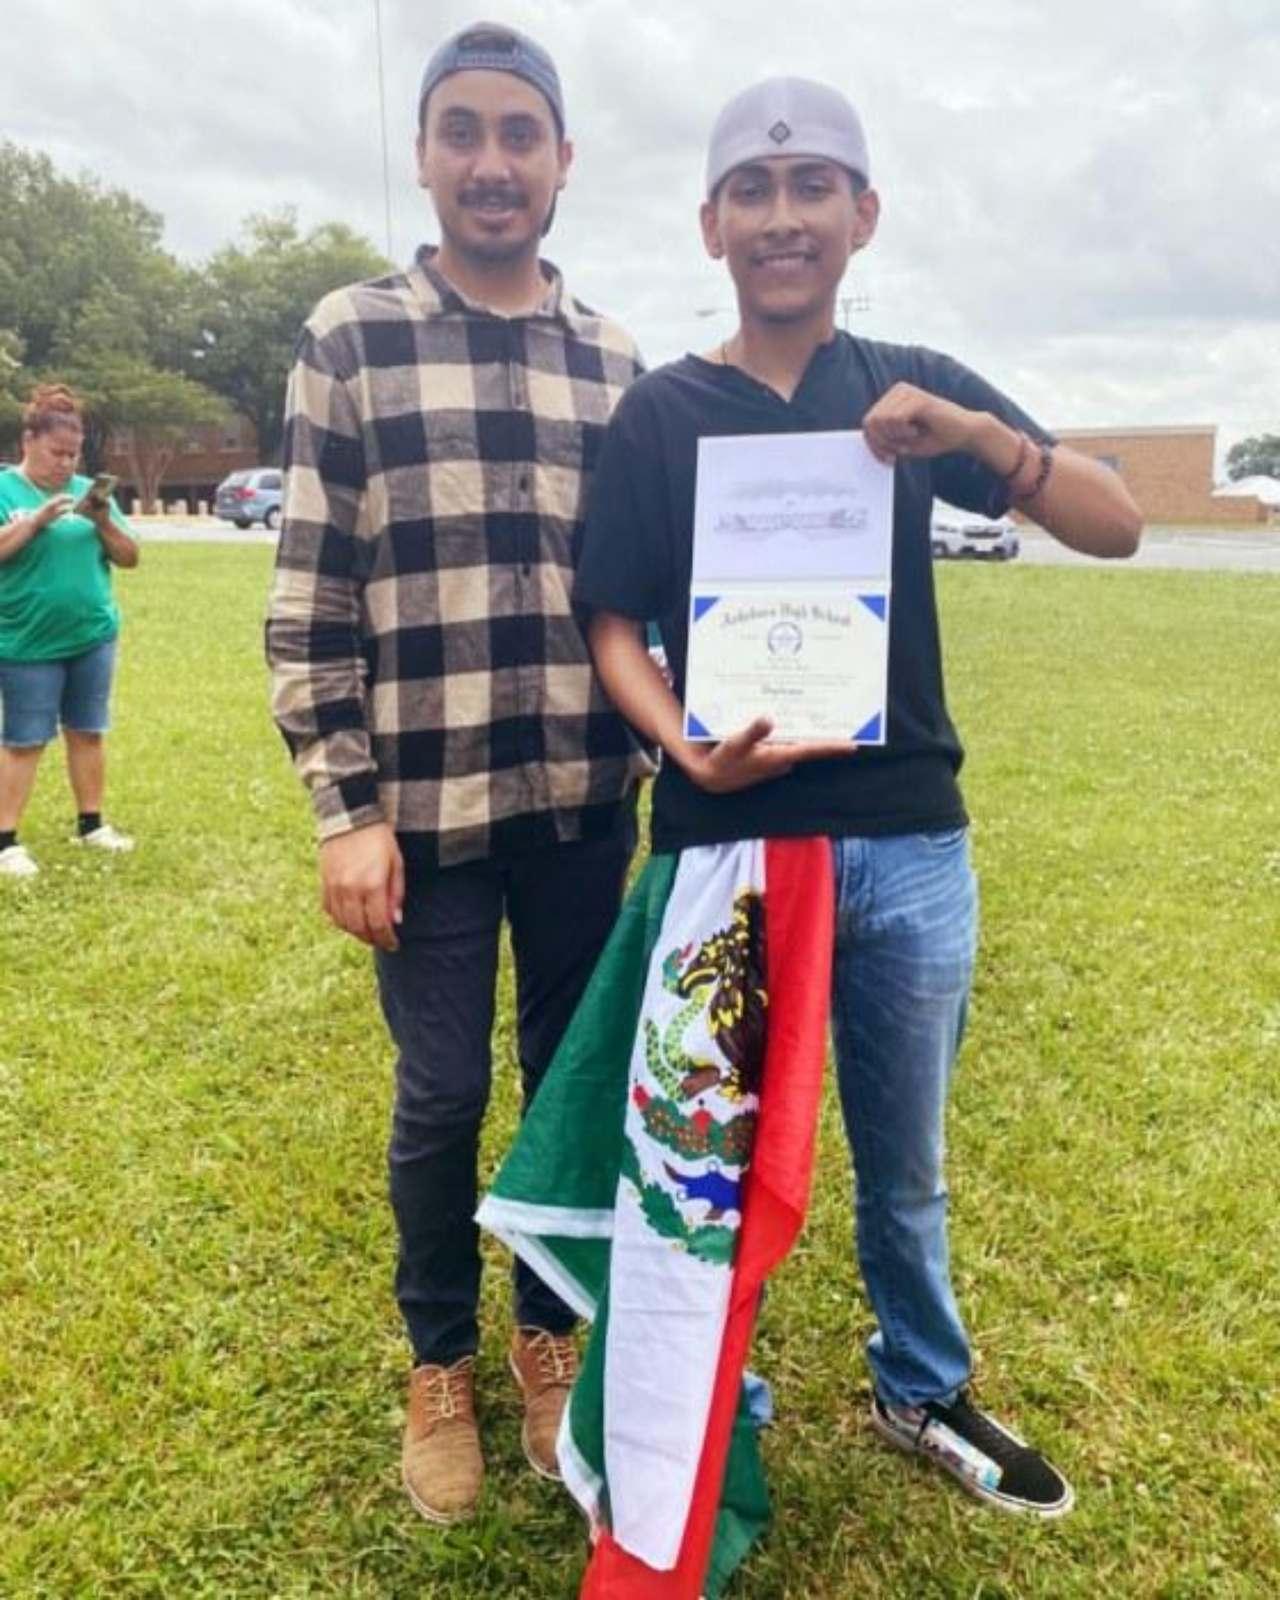 Entregan diploma chico bandera graduacion